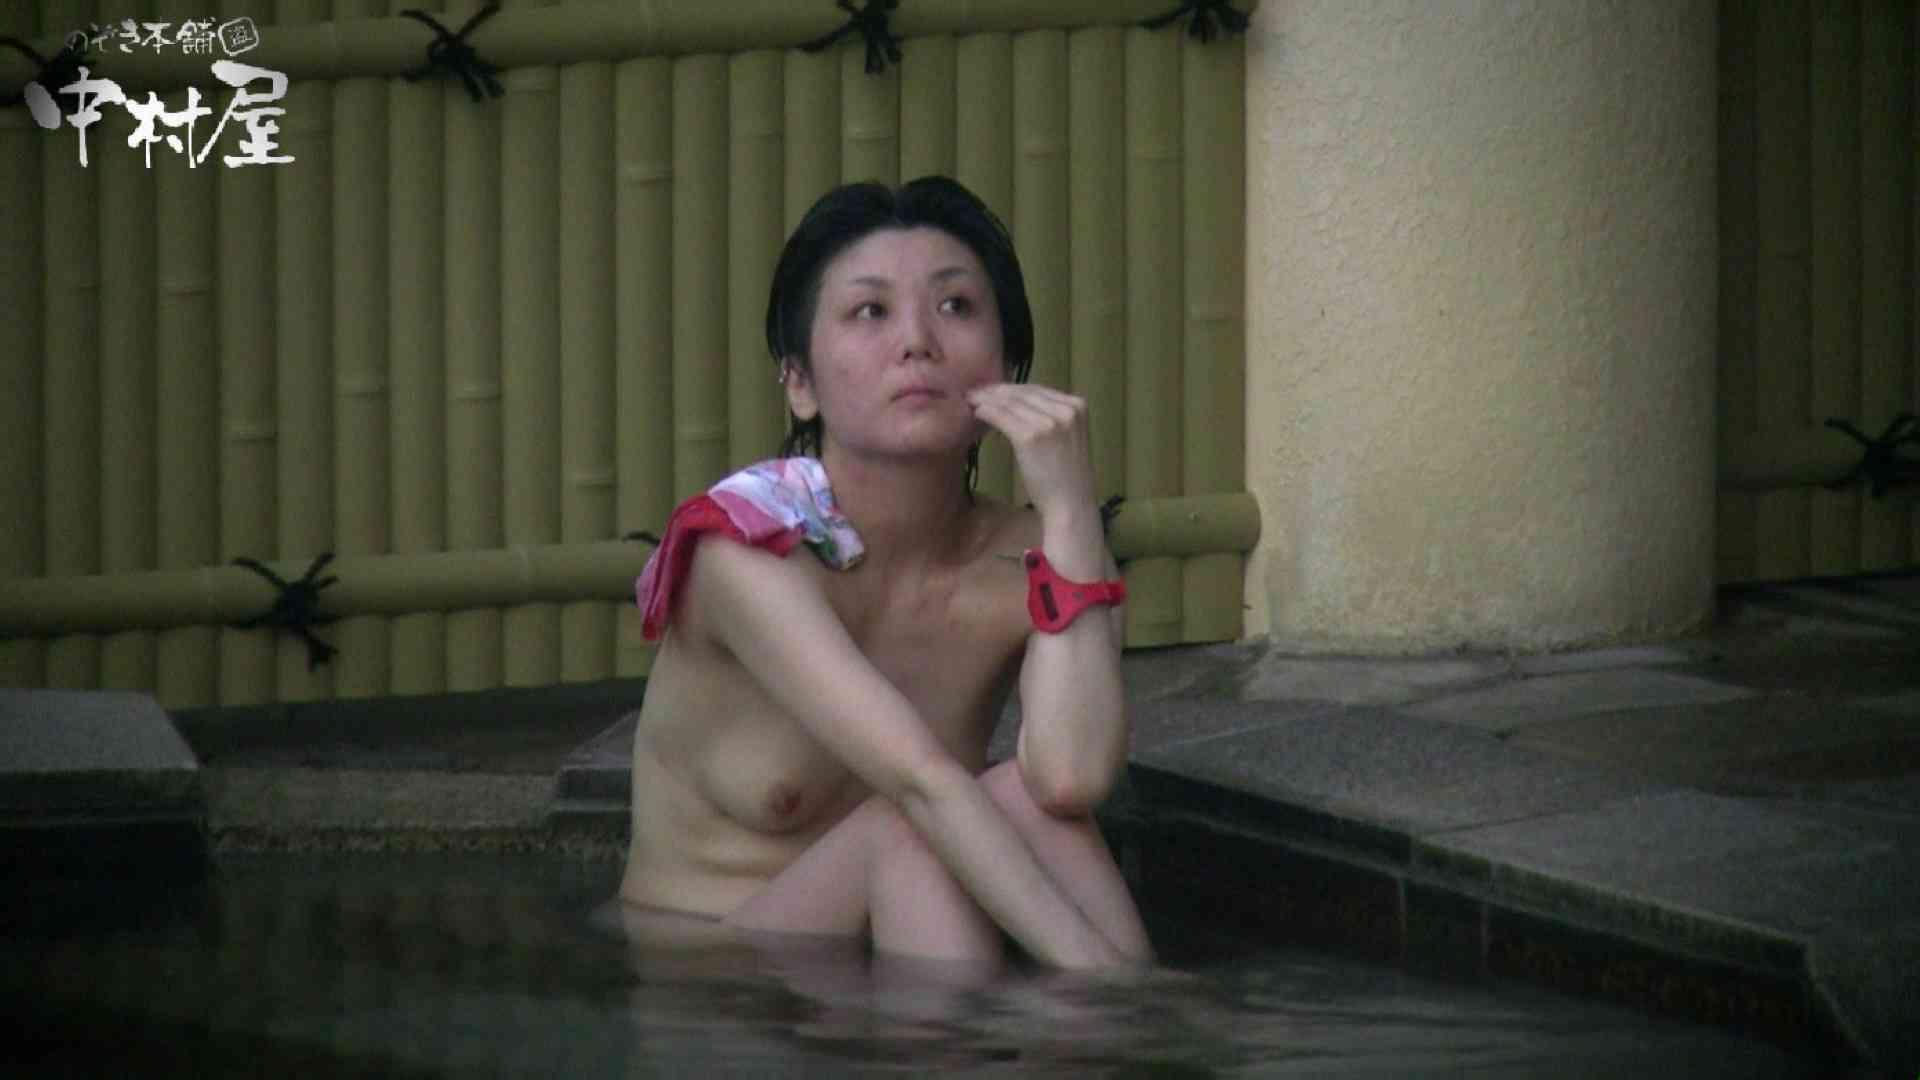 Aquaな露天風呂Vol.884 盗撮特集 | 露天  66画像 42